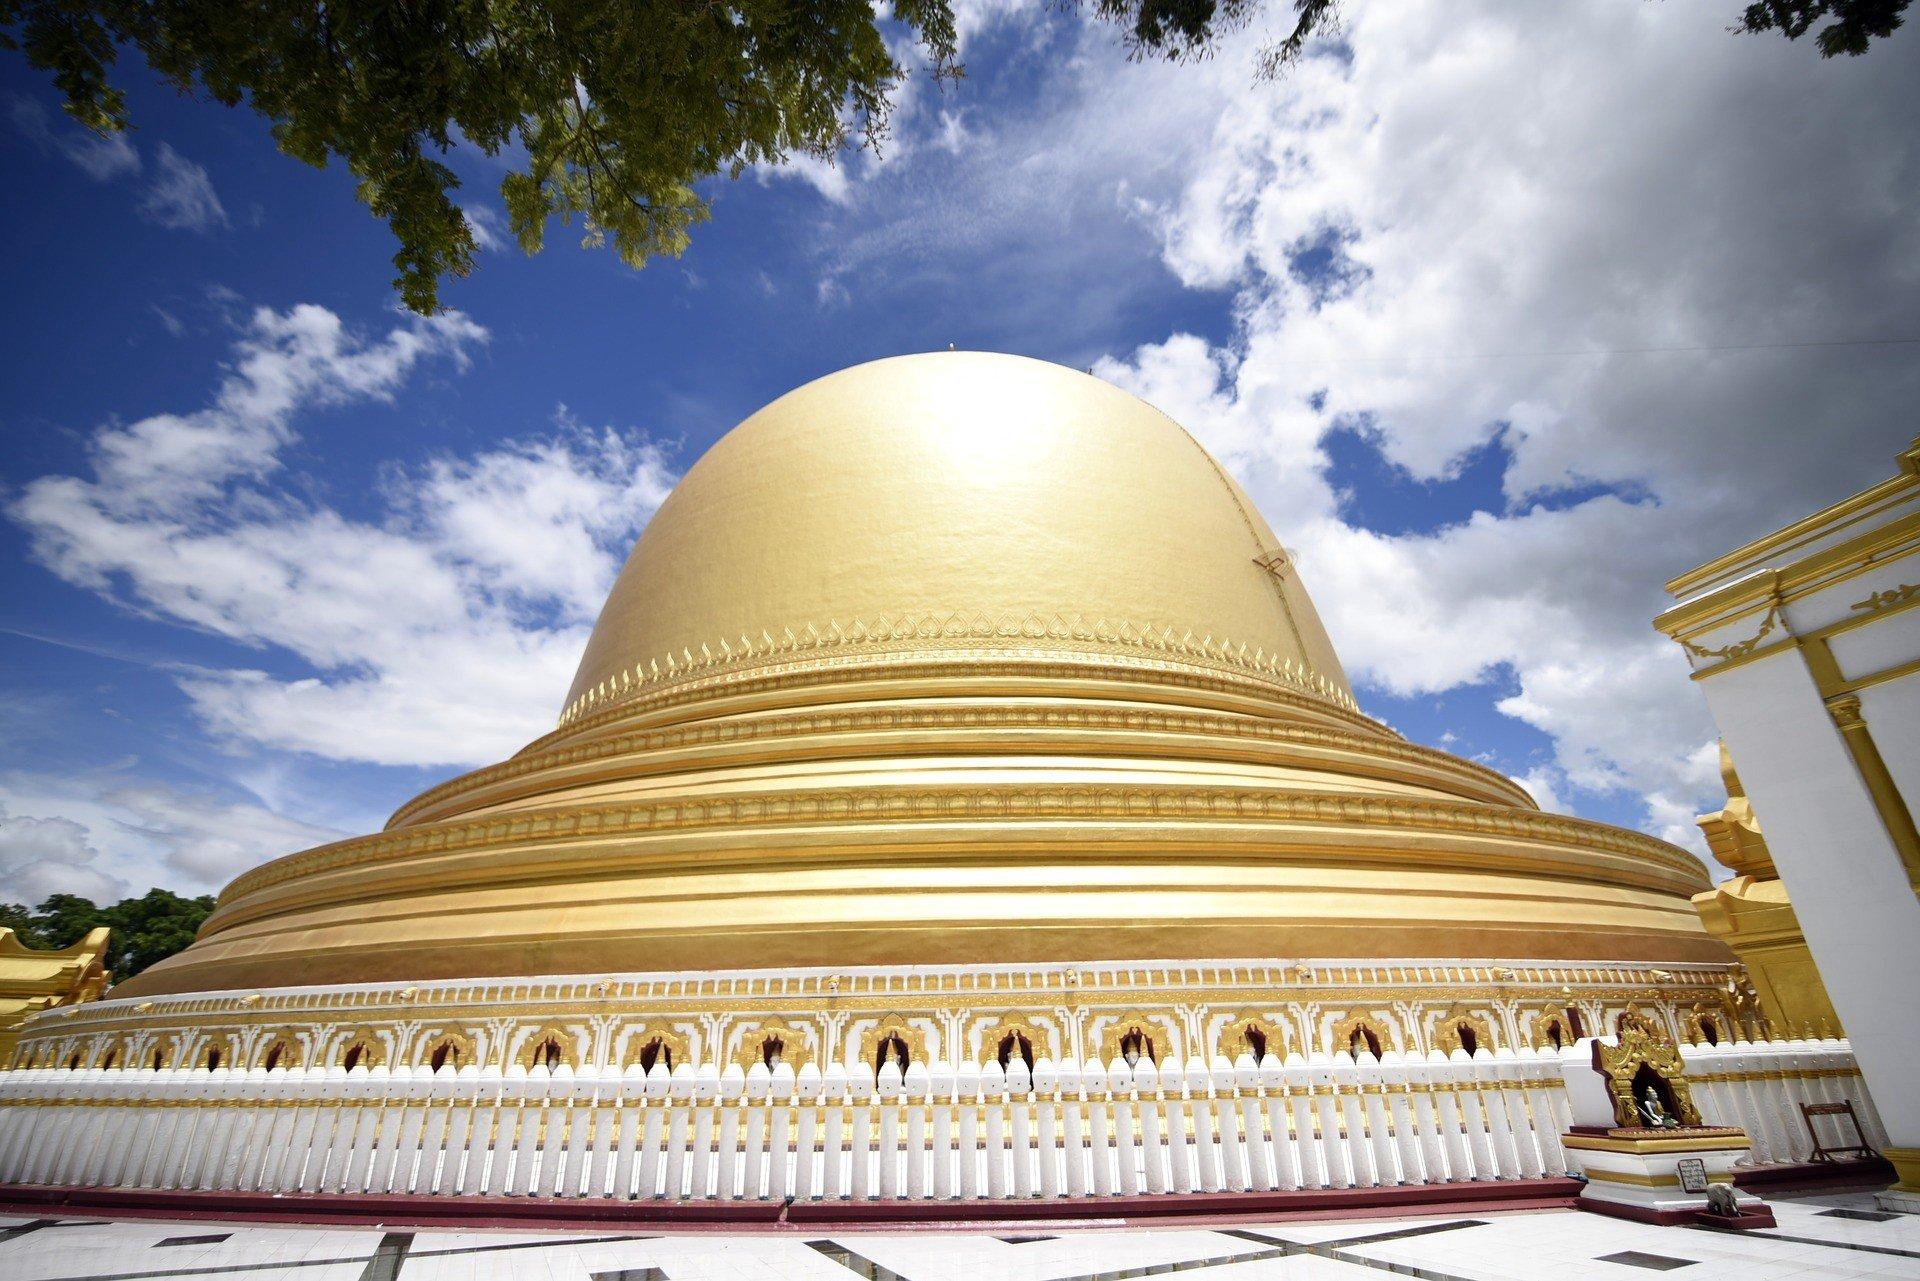 Kaunghmudaw Pagoda in Sagaing